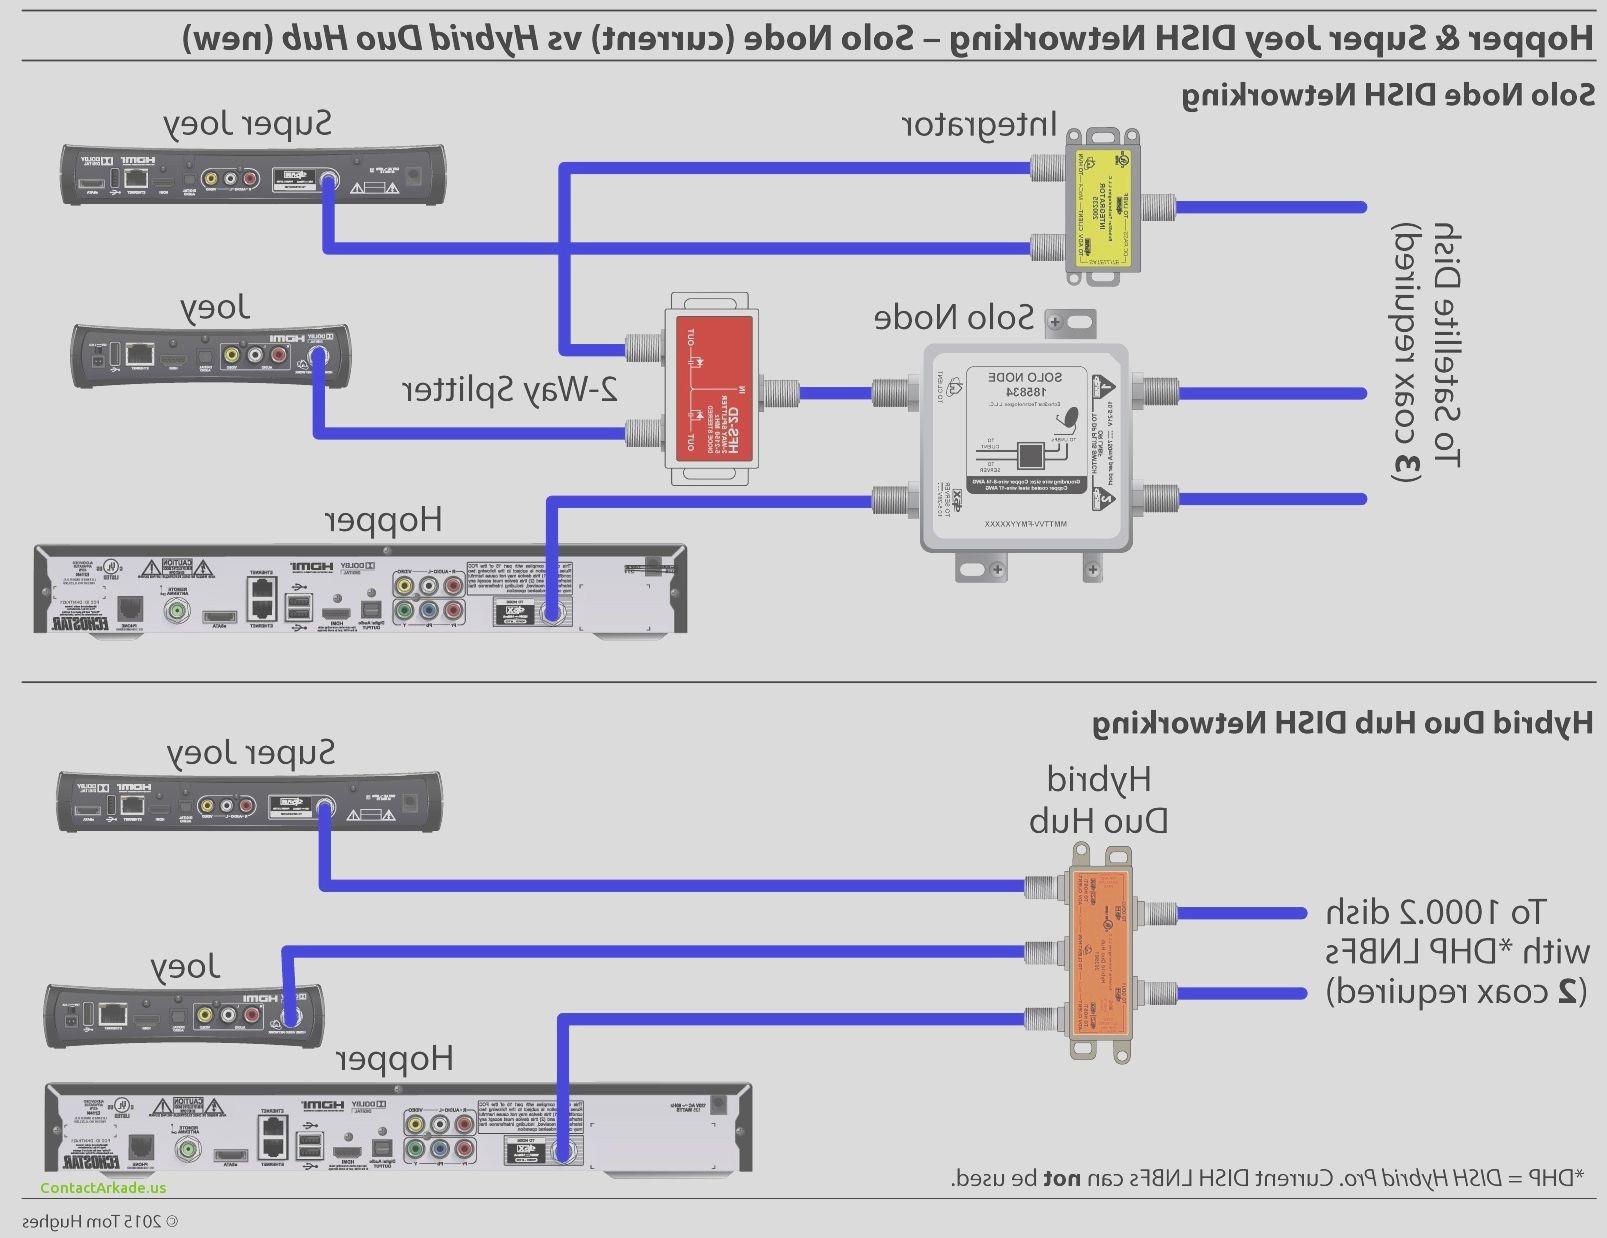 Direct Tv Wiring Diagram Directv House Wiring Diagram Free Downloads Direct Tv Satellite Dish Of Direct Tv Wiring Diagram